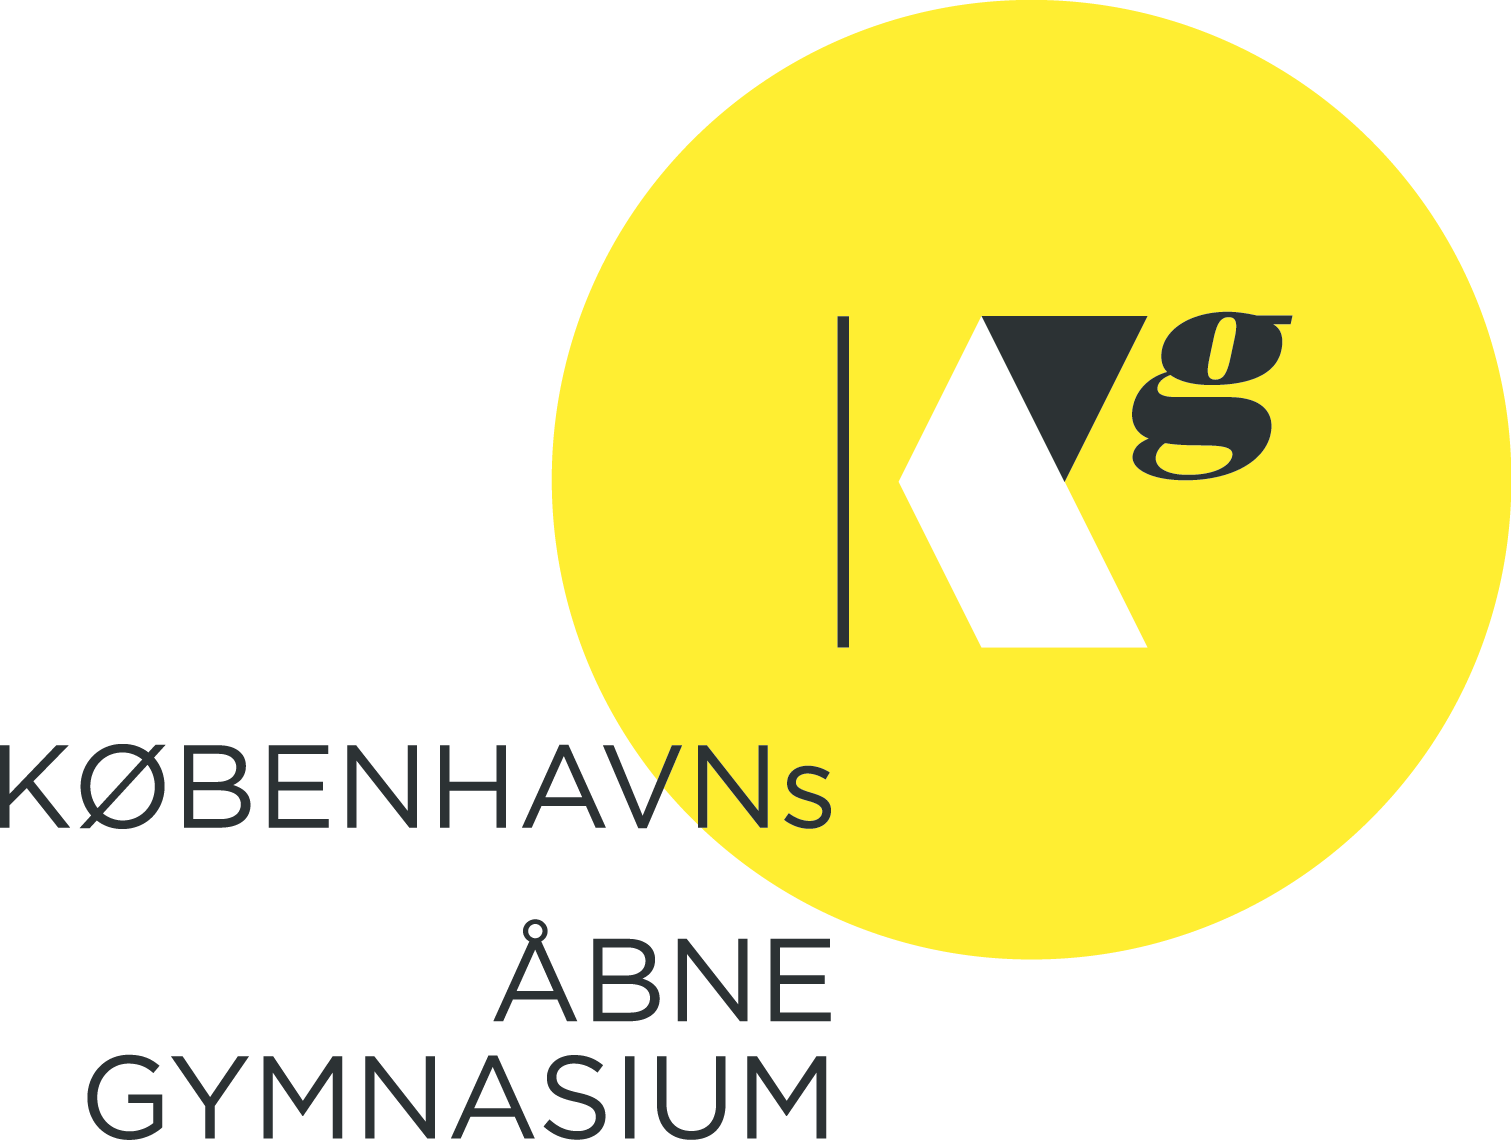 Københavns åbne Gymnasium